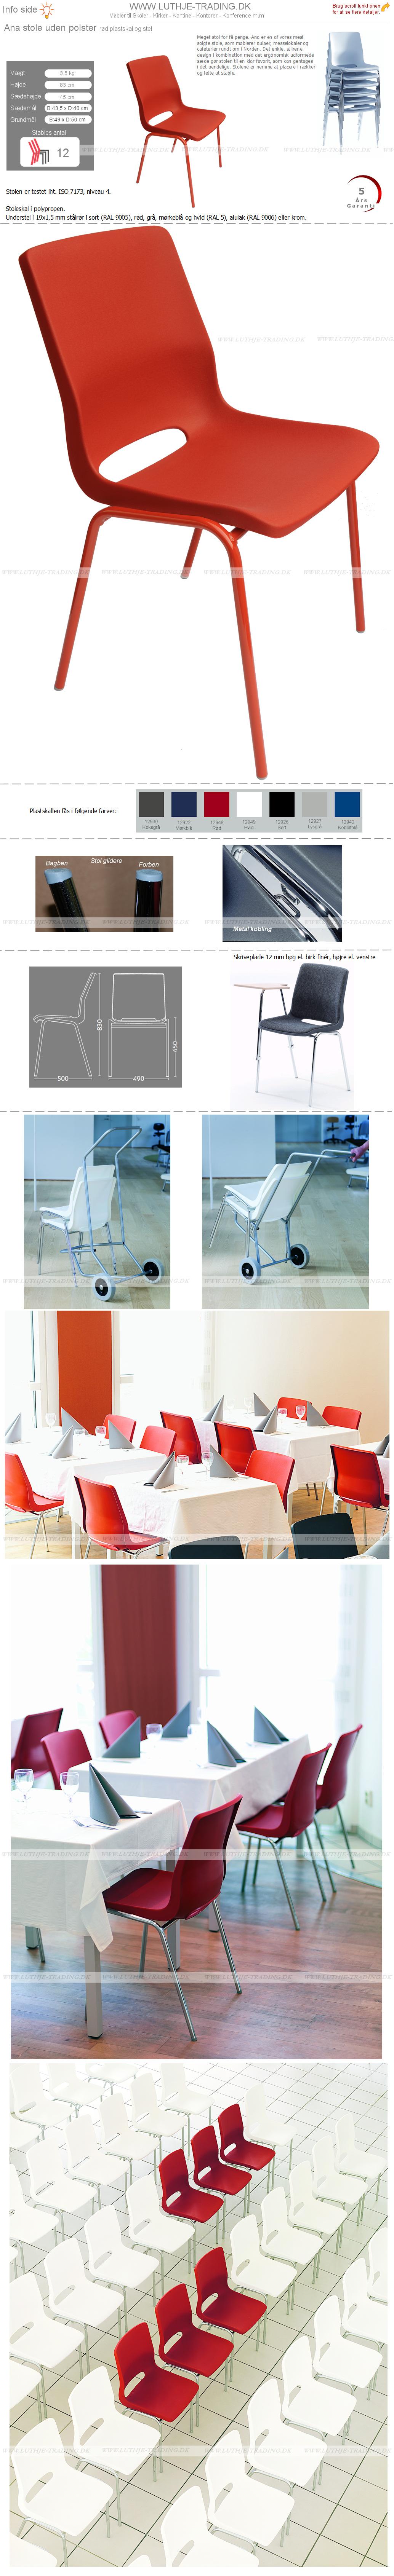 Ana stol med rød plastskal og med rød stel. Stables op til 12 stk. Der fås en vogn til Ana stole. Vi giver gerne det bedste tilbud på en Ana stol.